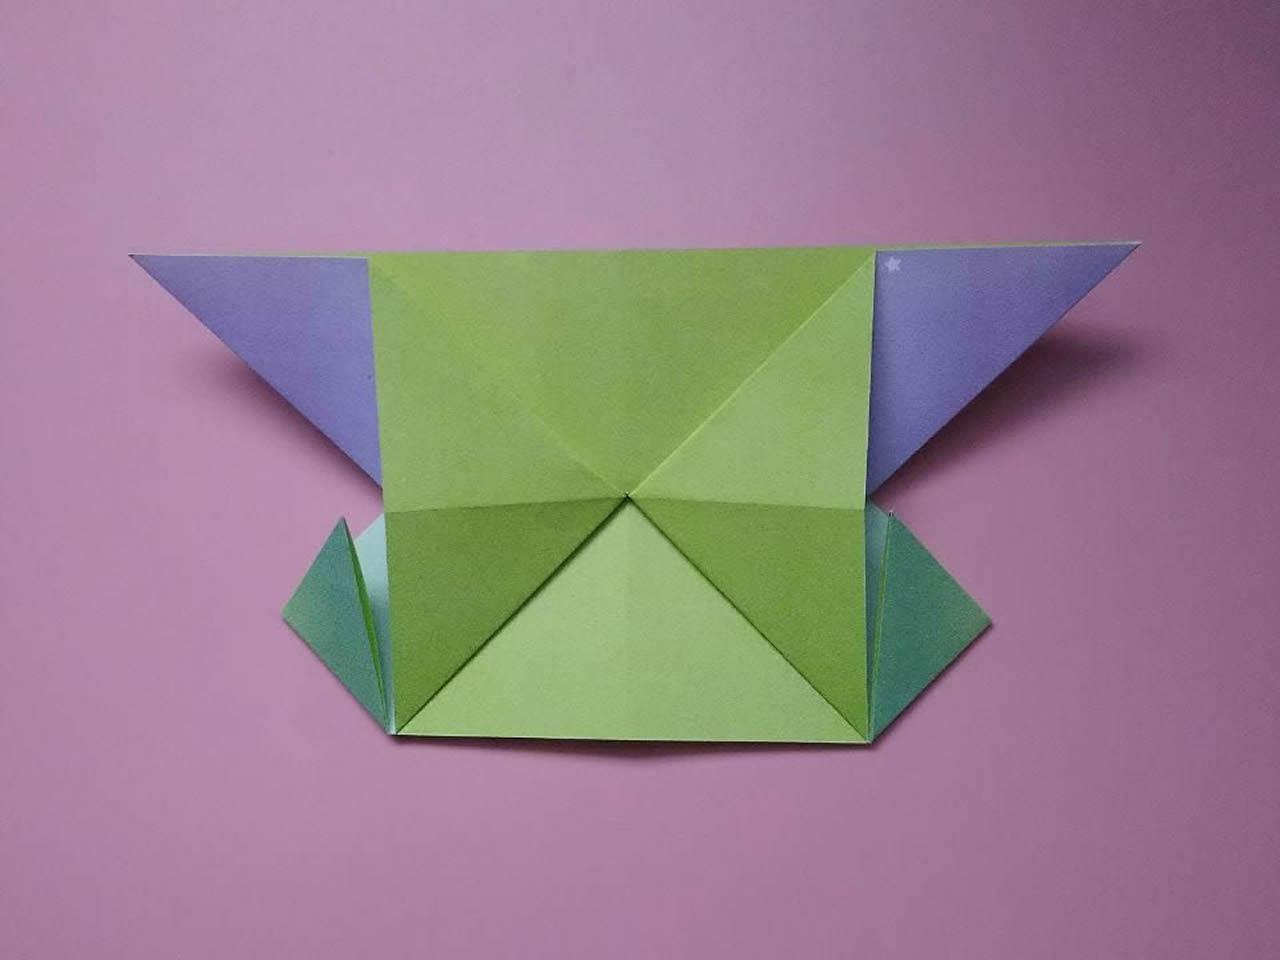 手工纸艺小船折纸步骤图解╭★肉丁网